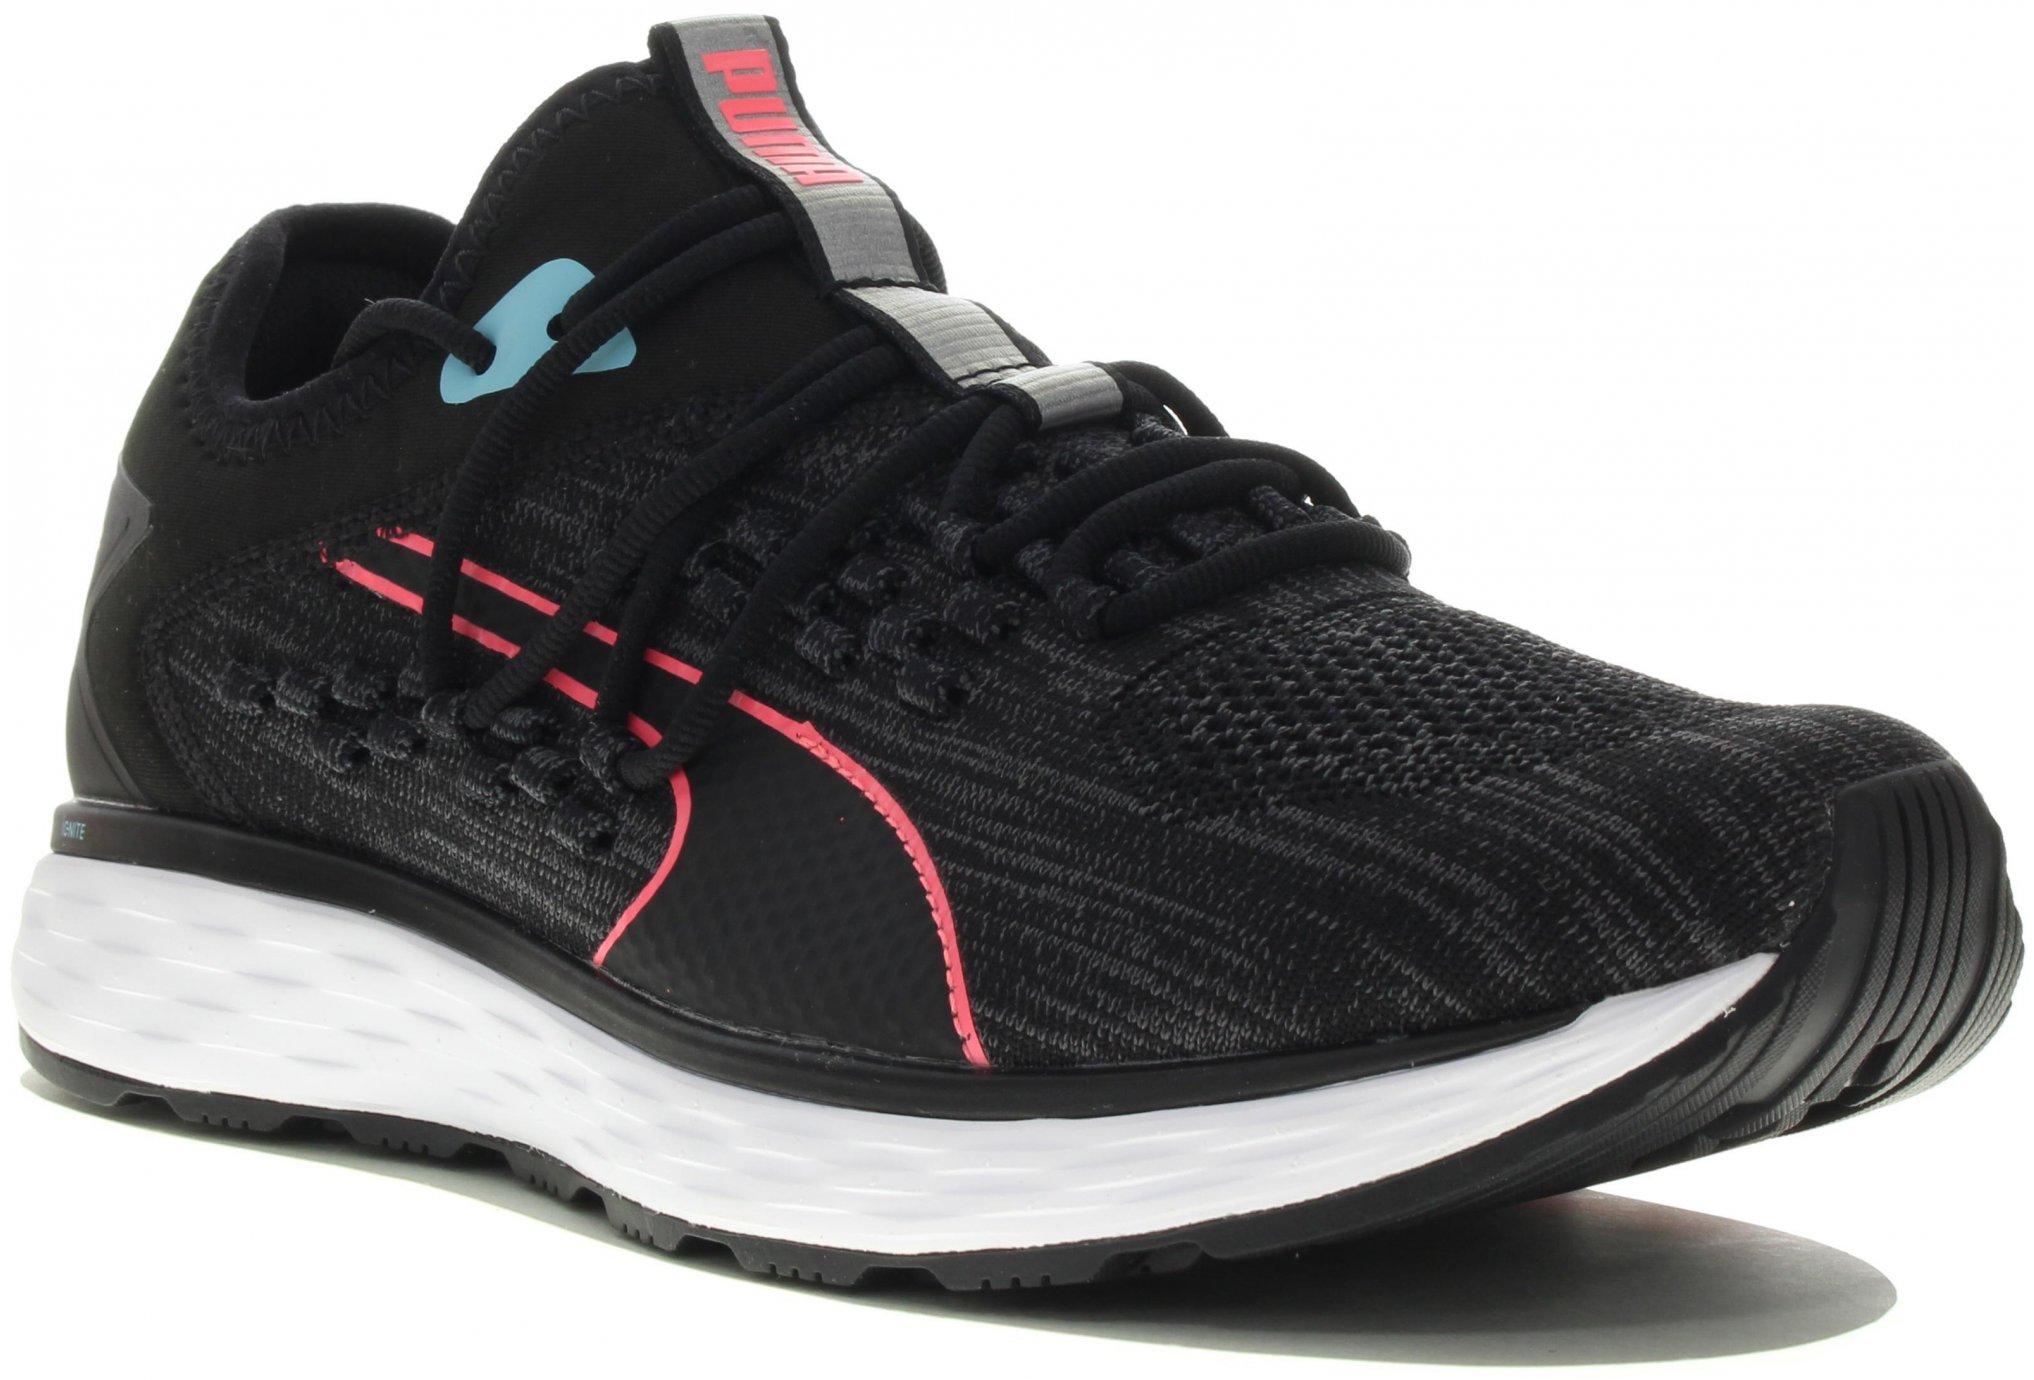 Puma Speed 600 Fusefit W Diététique Chaussures femme